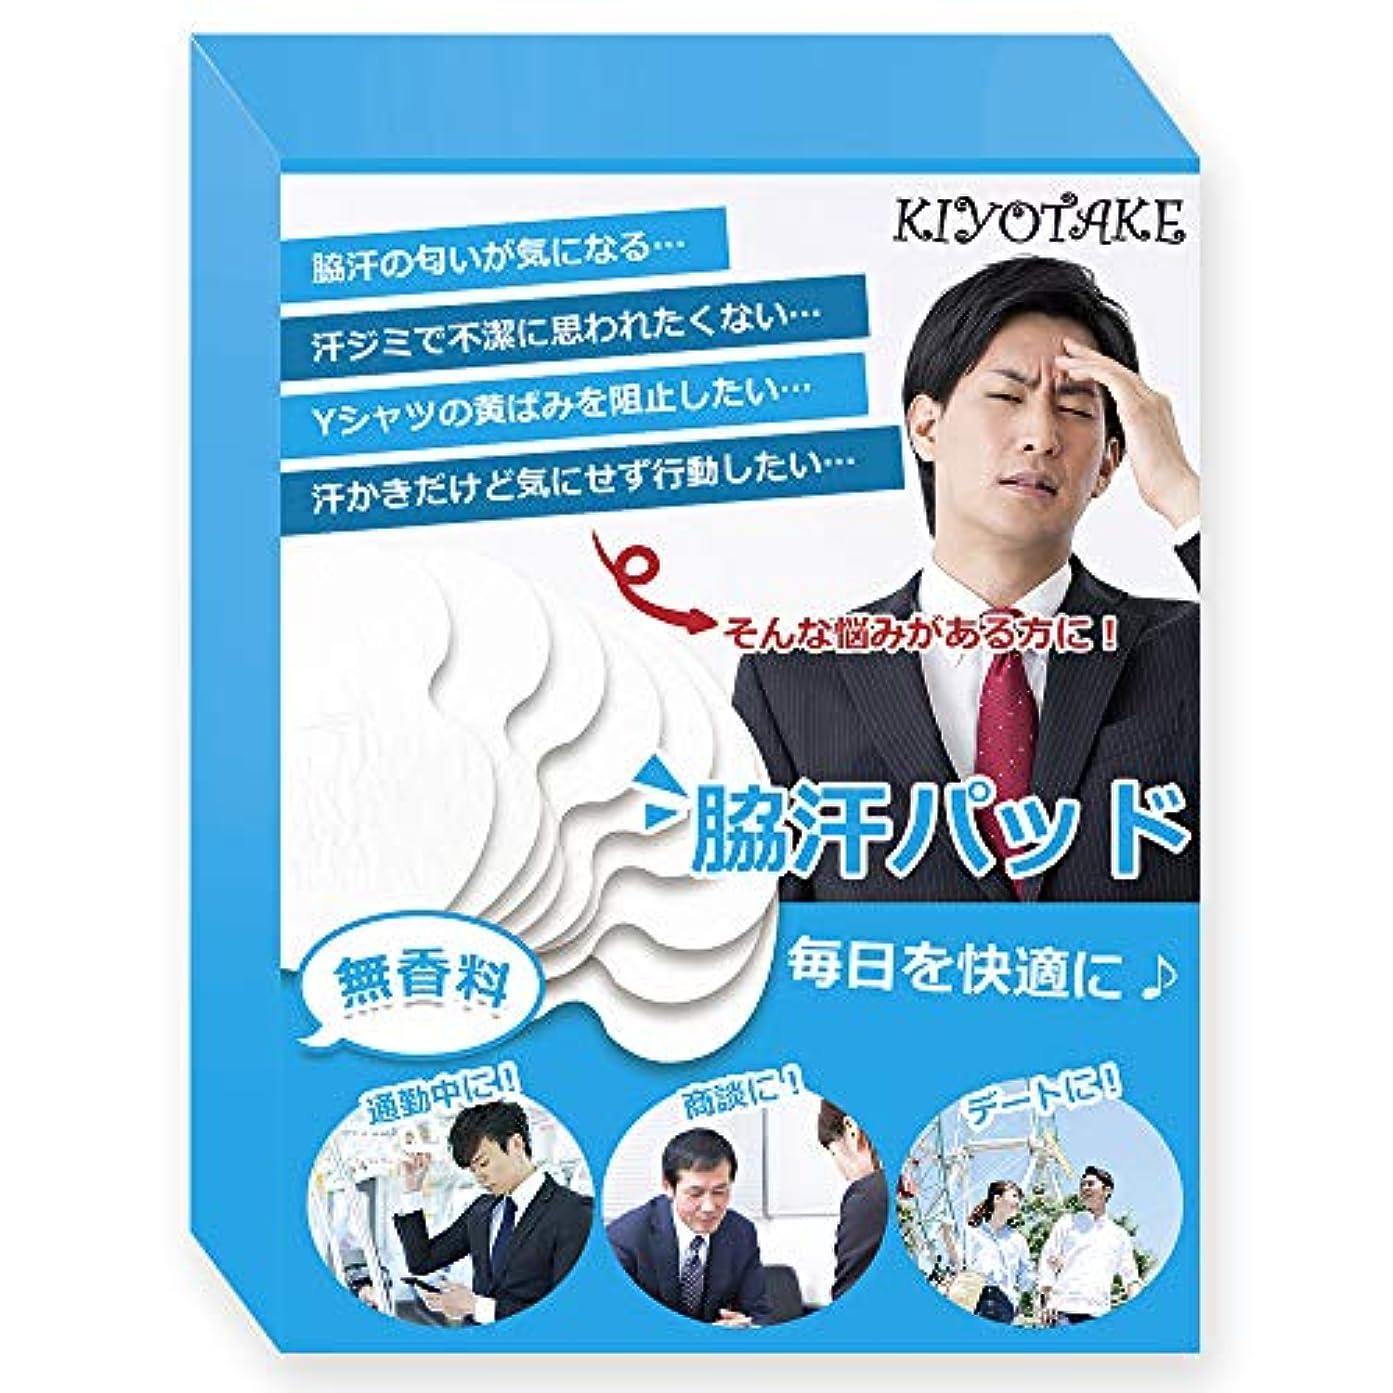 まろやかな行う概念【kiyotake】 メンズ 脇汗パッド 汗取り 汗じみ 防止 防臭 男性用 40枚入り